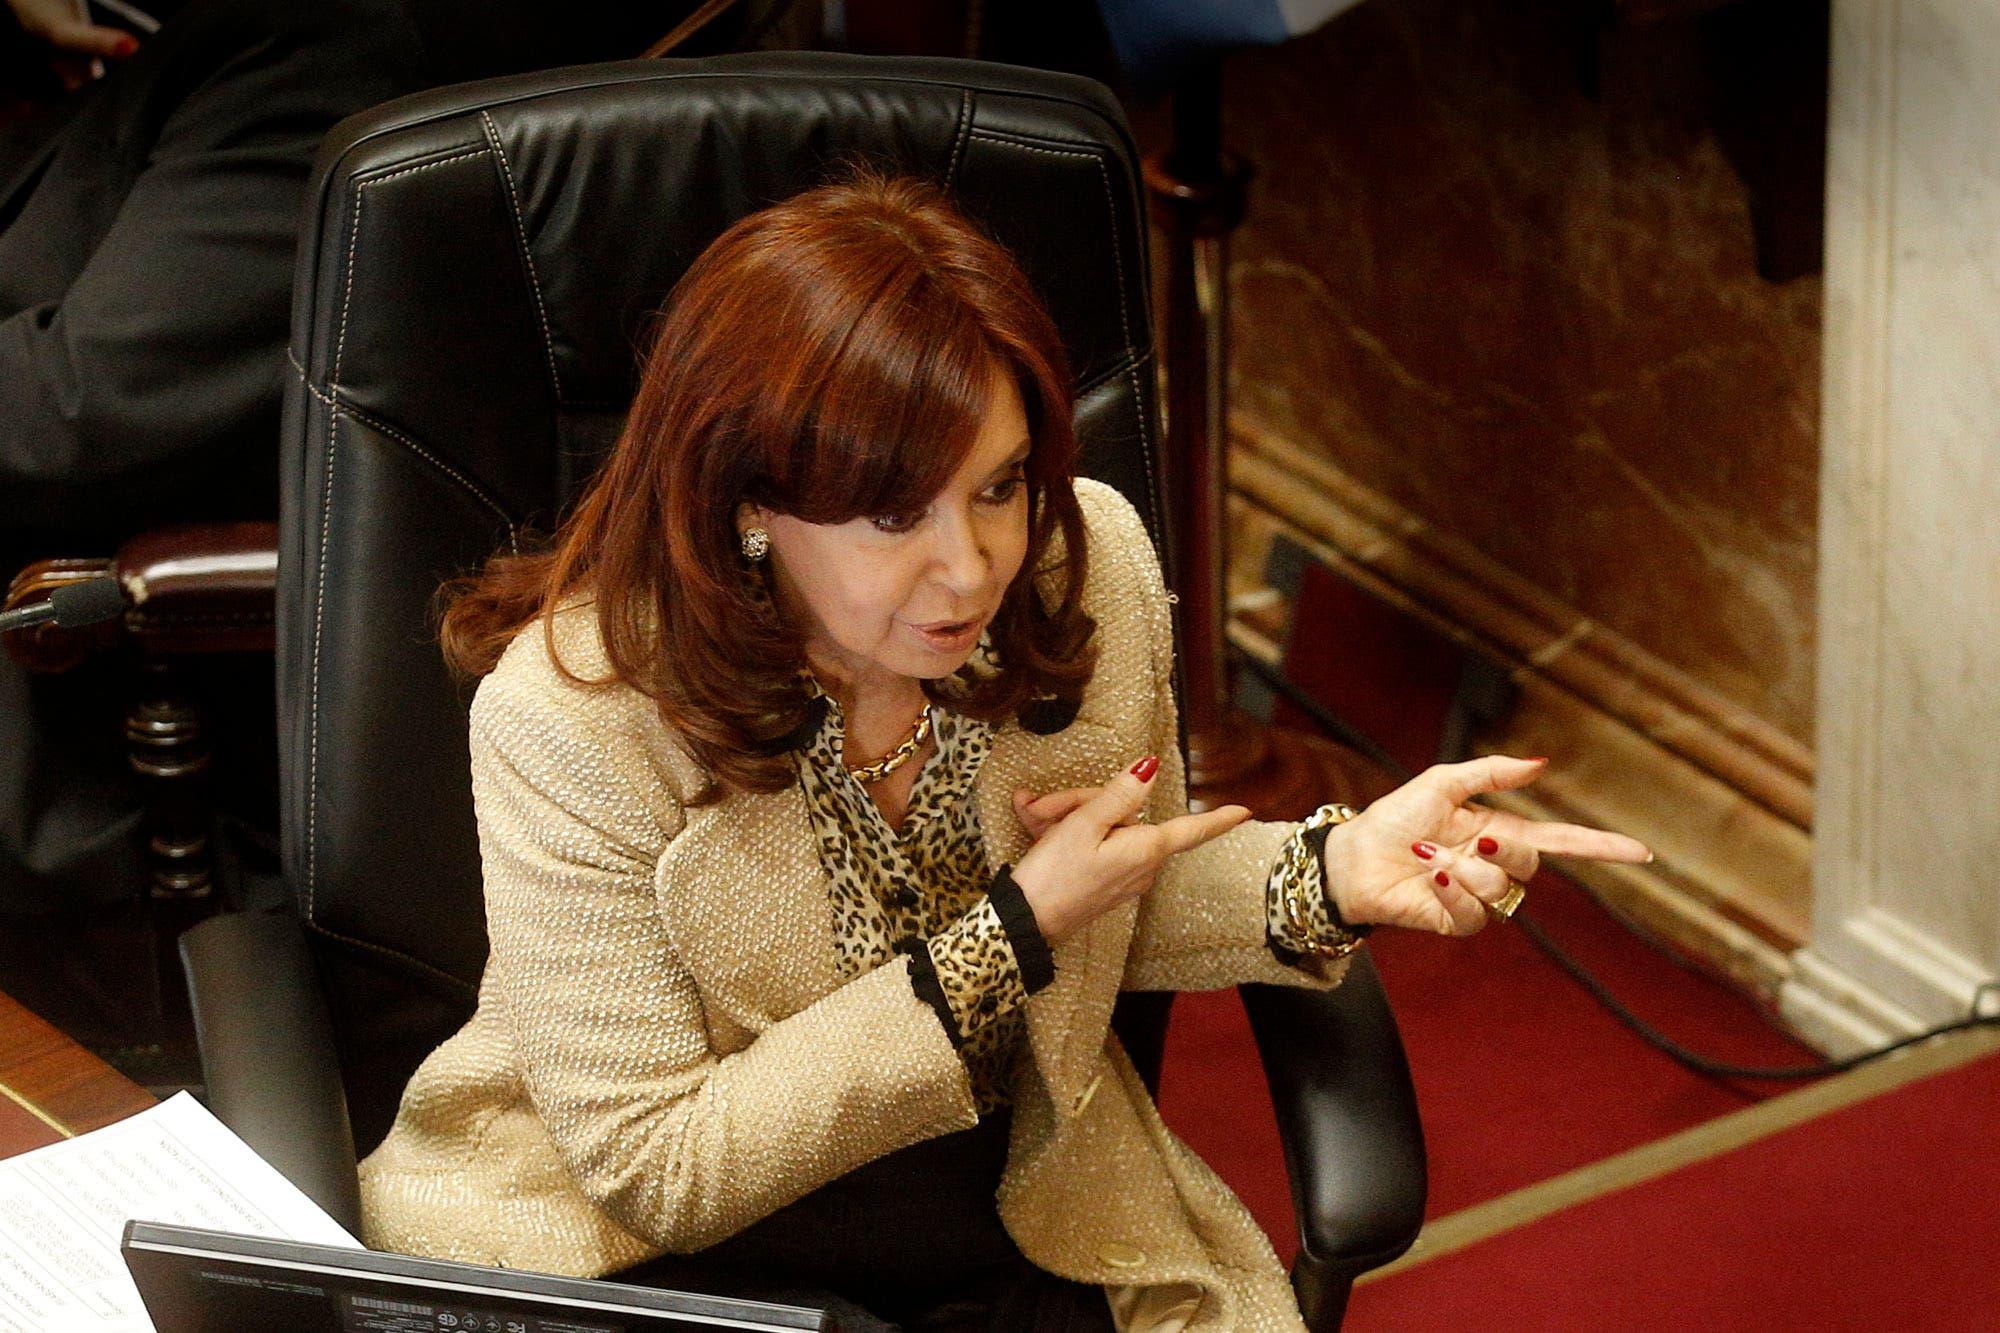 Google presentó per saltum para que la Corte intervenga en la demanda presentada por Cristina Kirchner